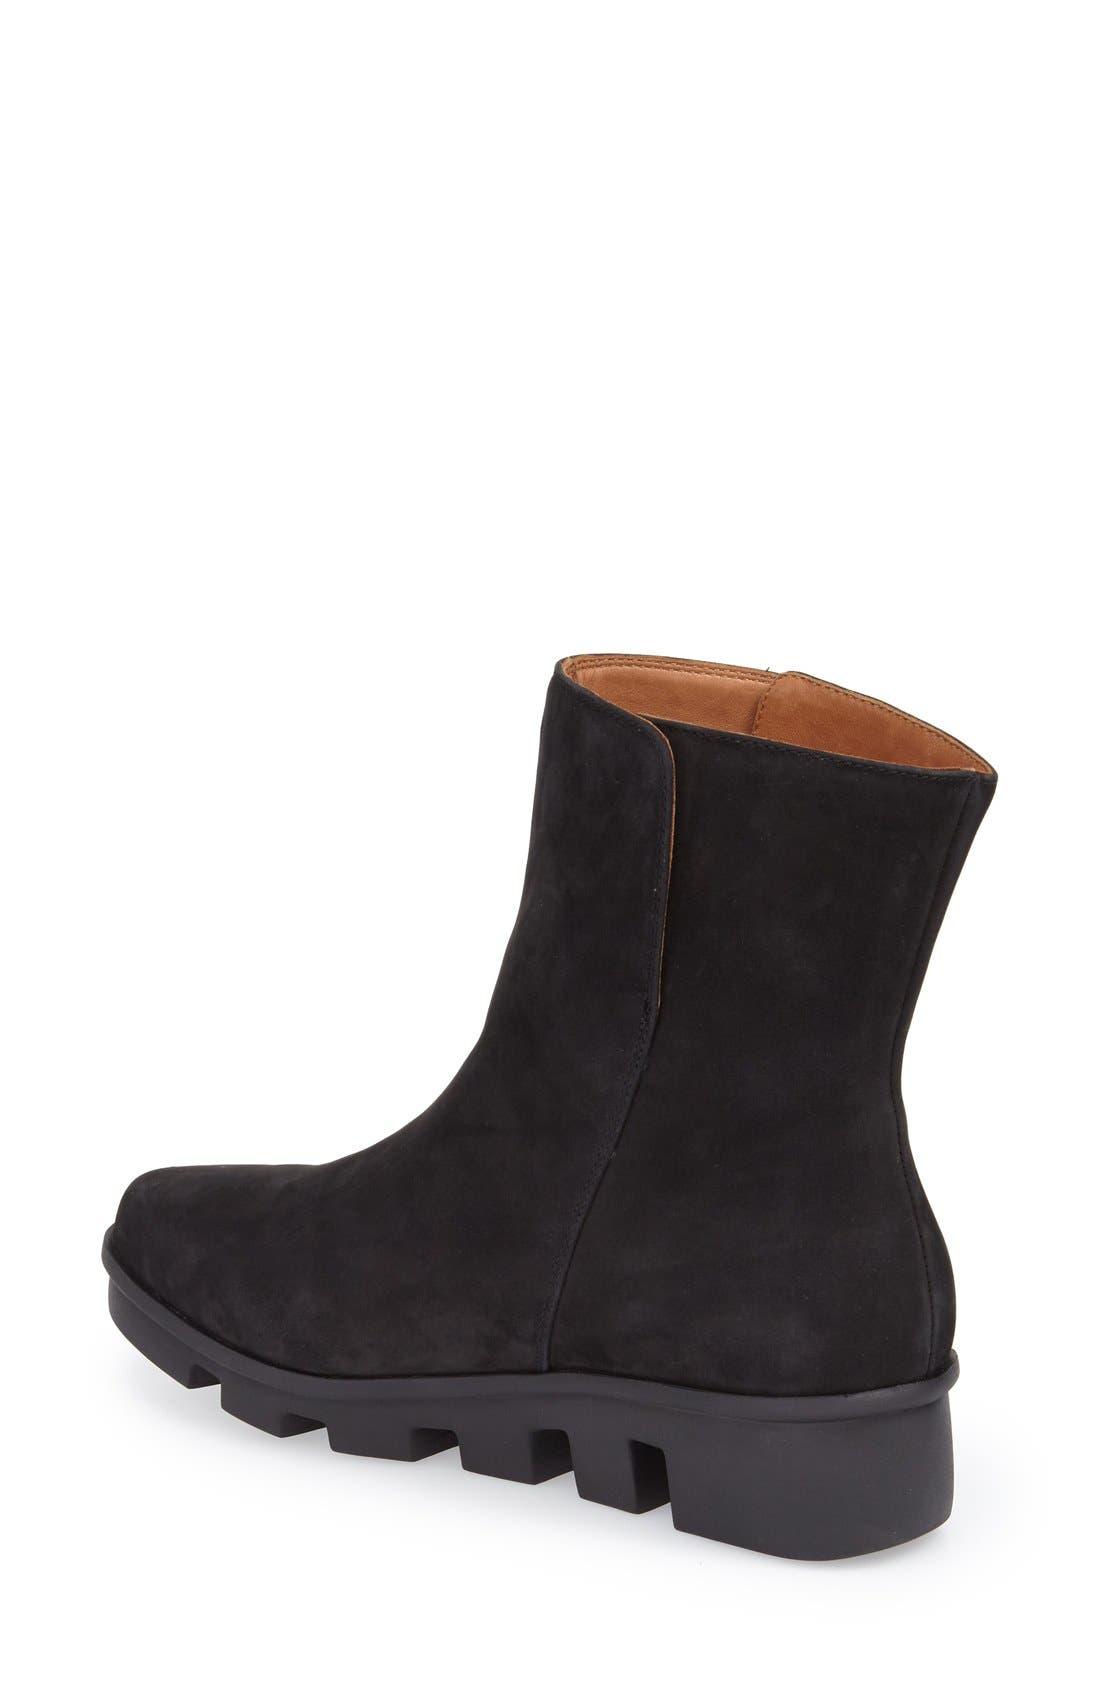 'Harrietta' Boot,                             Alternate thumbnail 2, color,